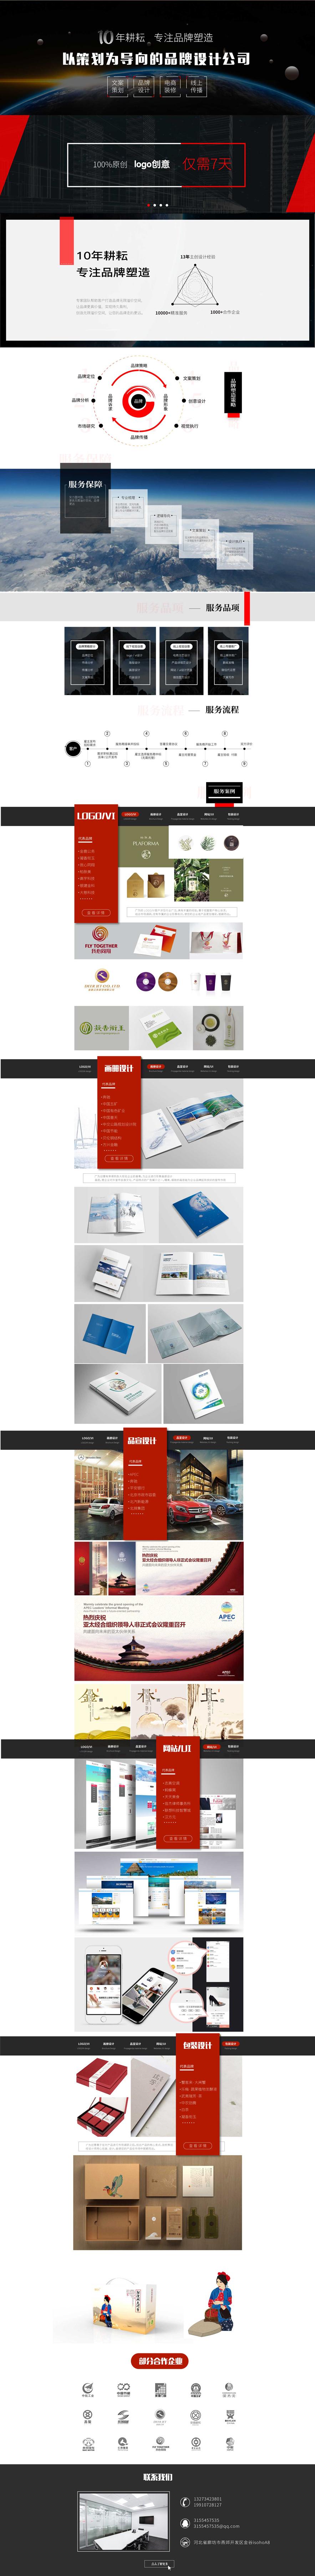 【广为创意广告有限责任公司】企业详情页产品广告展架易拉宝宣传品折页样本画册海报设计_设计服务>>广告设计>>广告牌